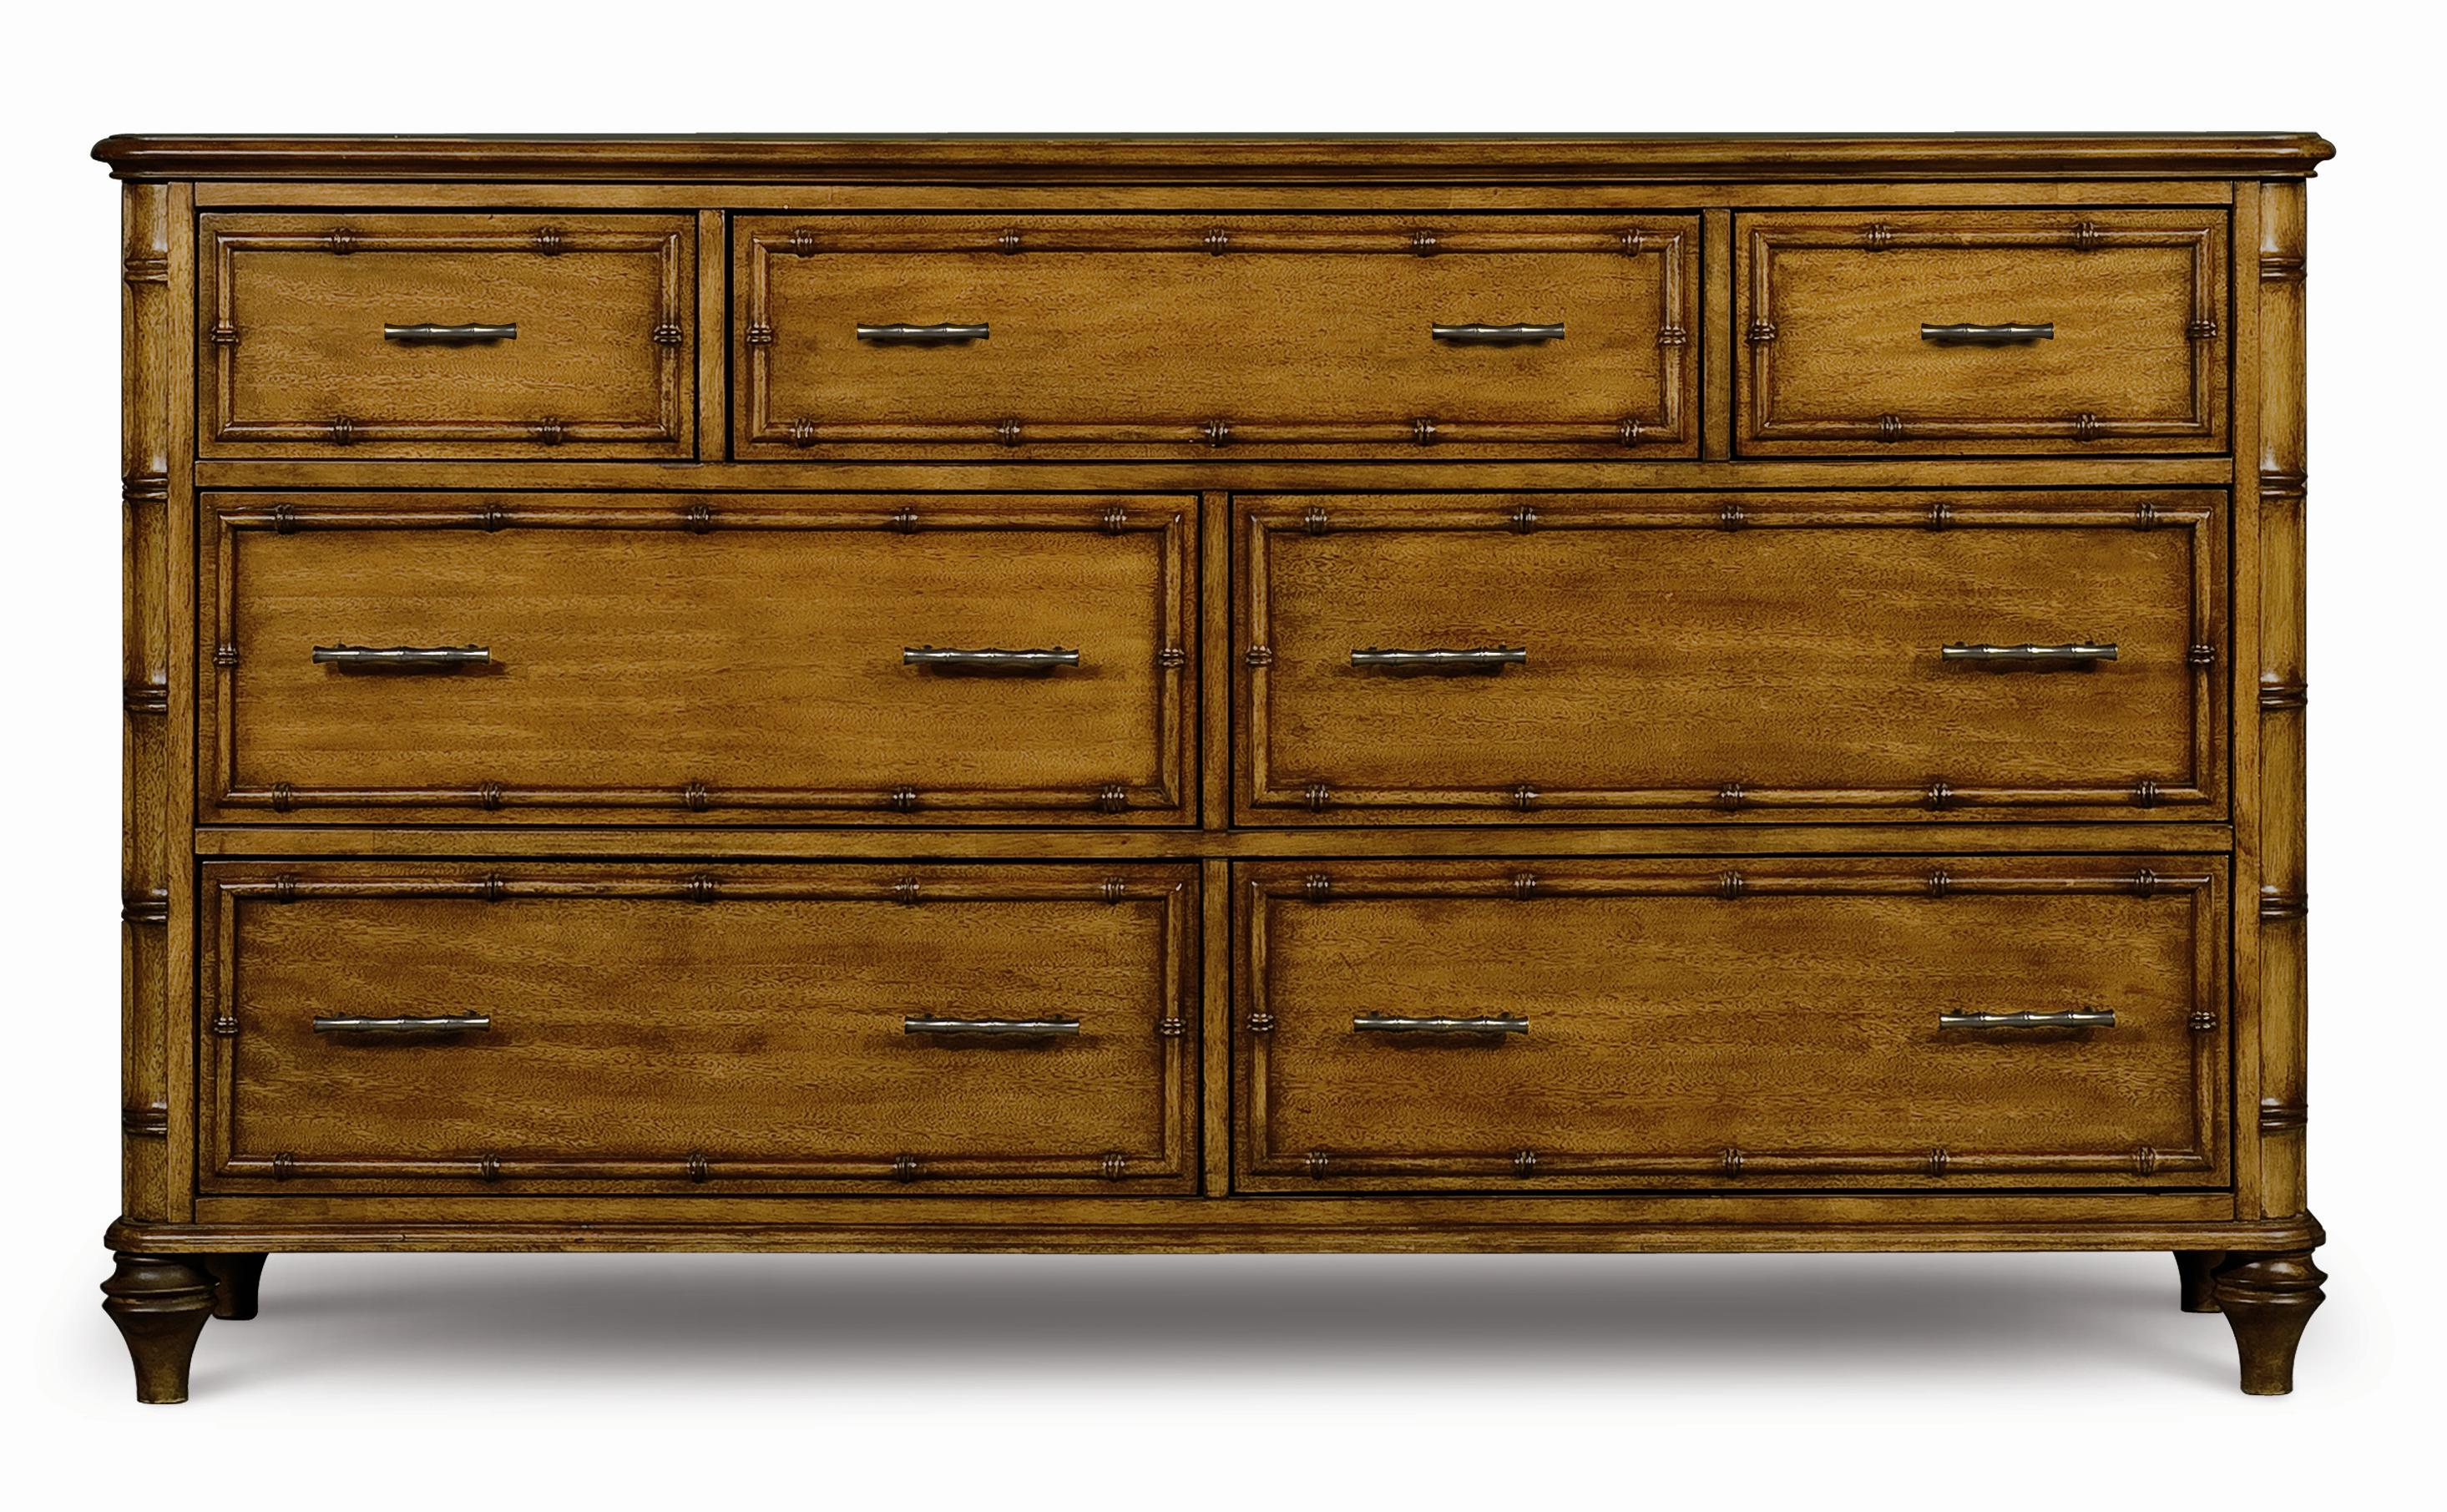 Magnussen Home Palm Bay Drawer Dresser - Item Number: B1469-20